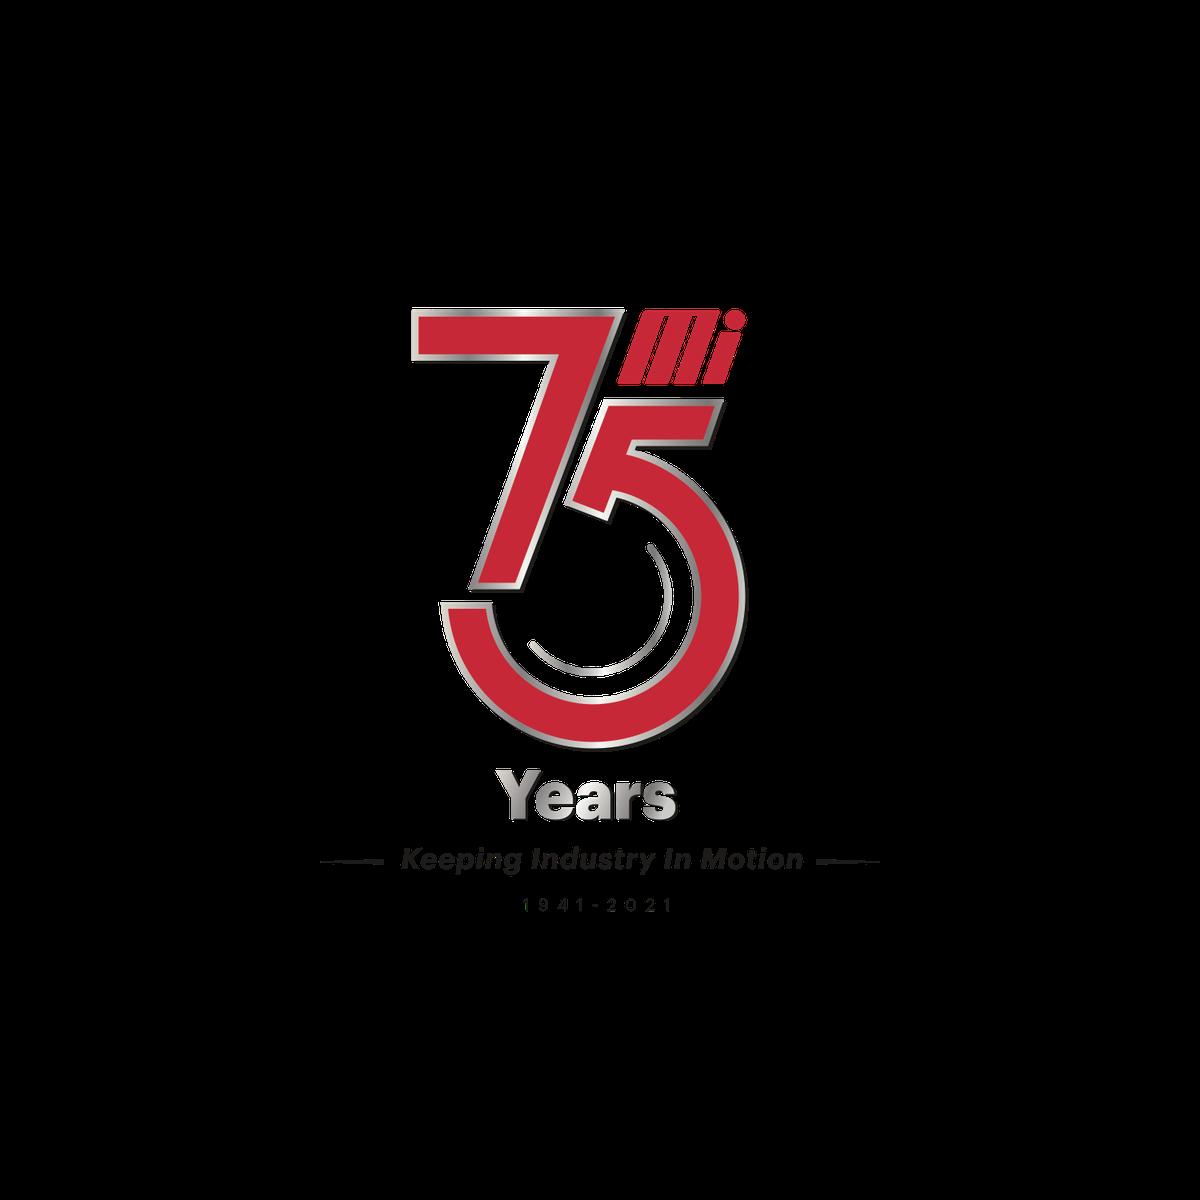 Mi 75 Year Anniversary logo